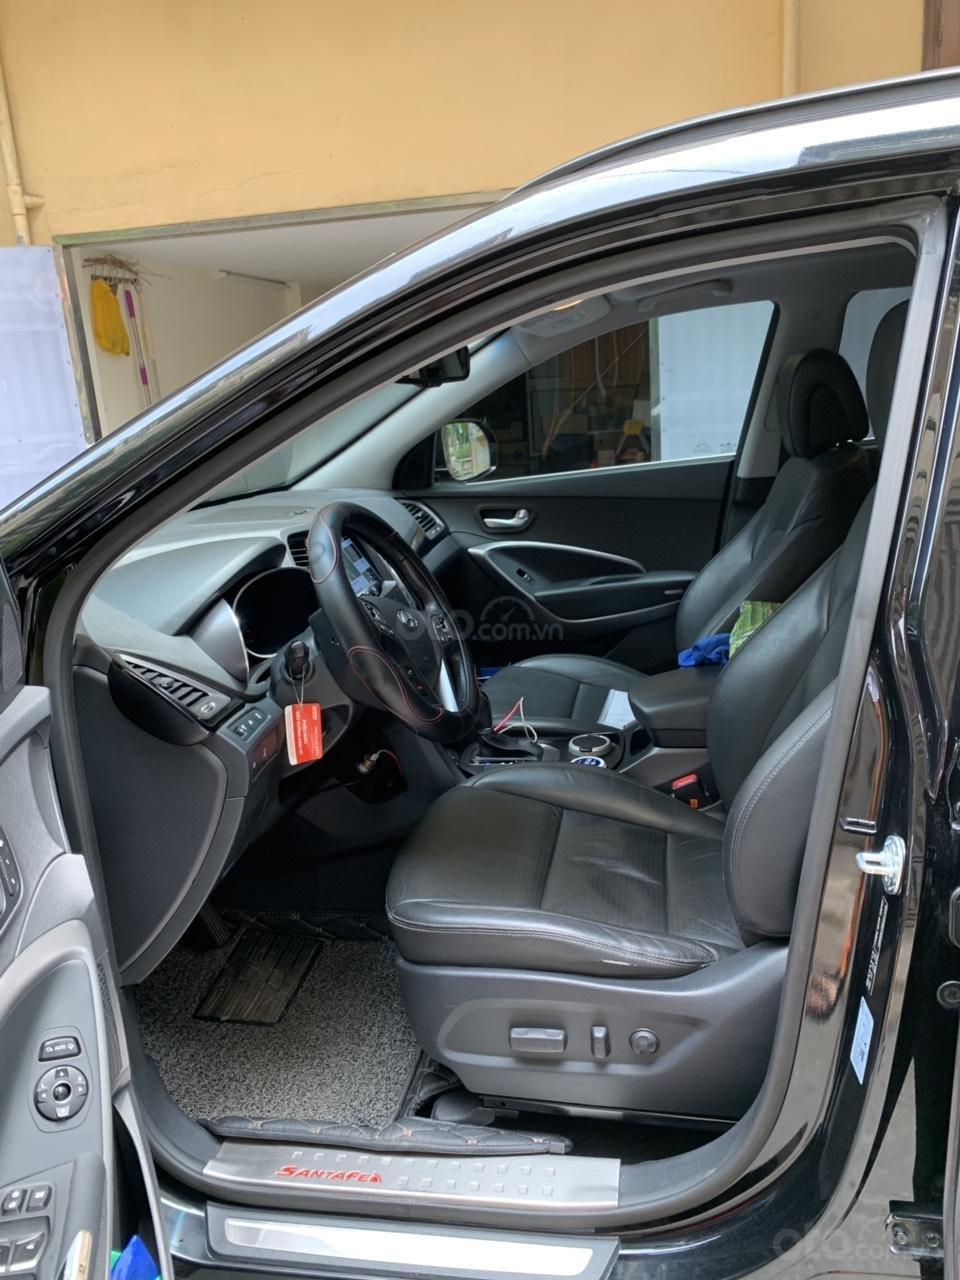 Bán Hyundai Santa Fe 4W sản xuất 2014, màu đen, nhập khẩu nguyên chiếc (2)